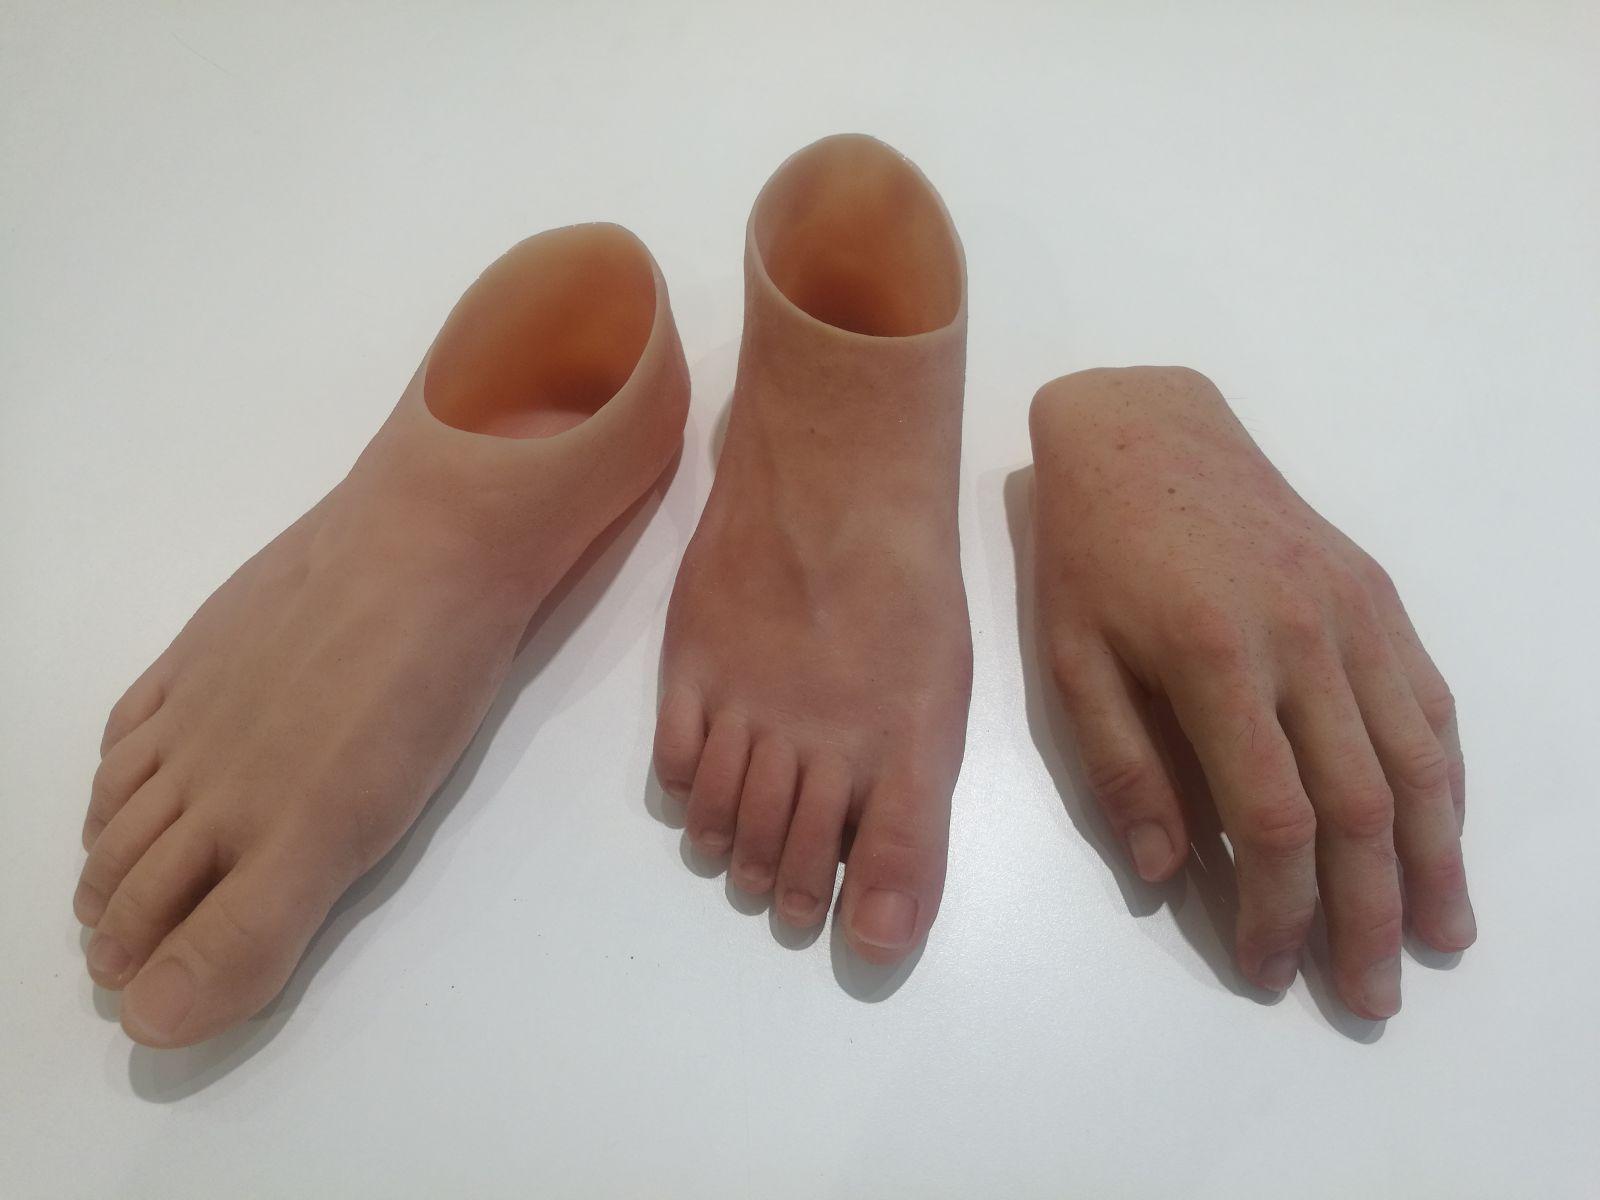 Naturtro kosmetiske proteser